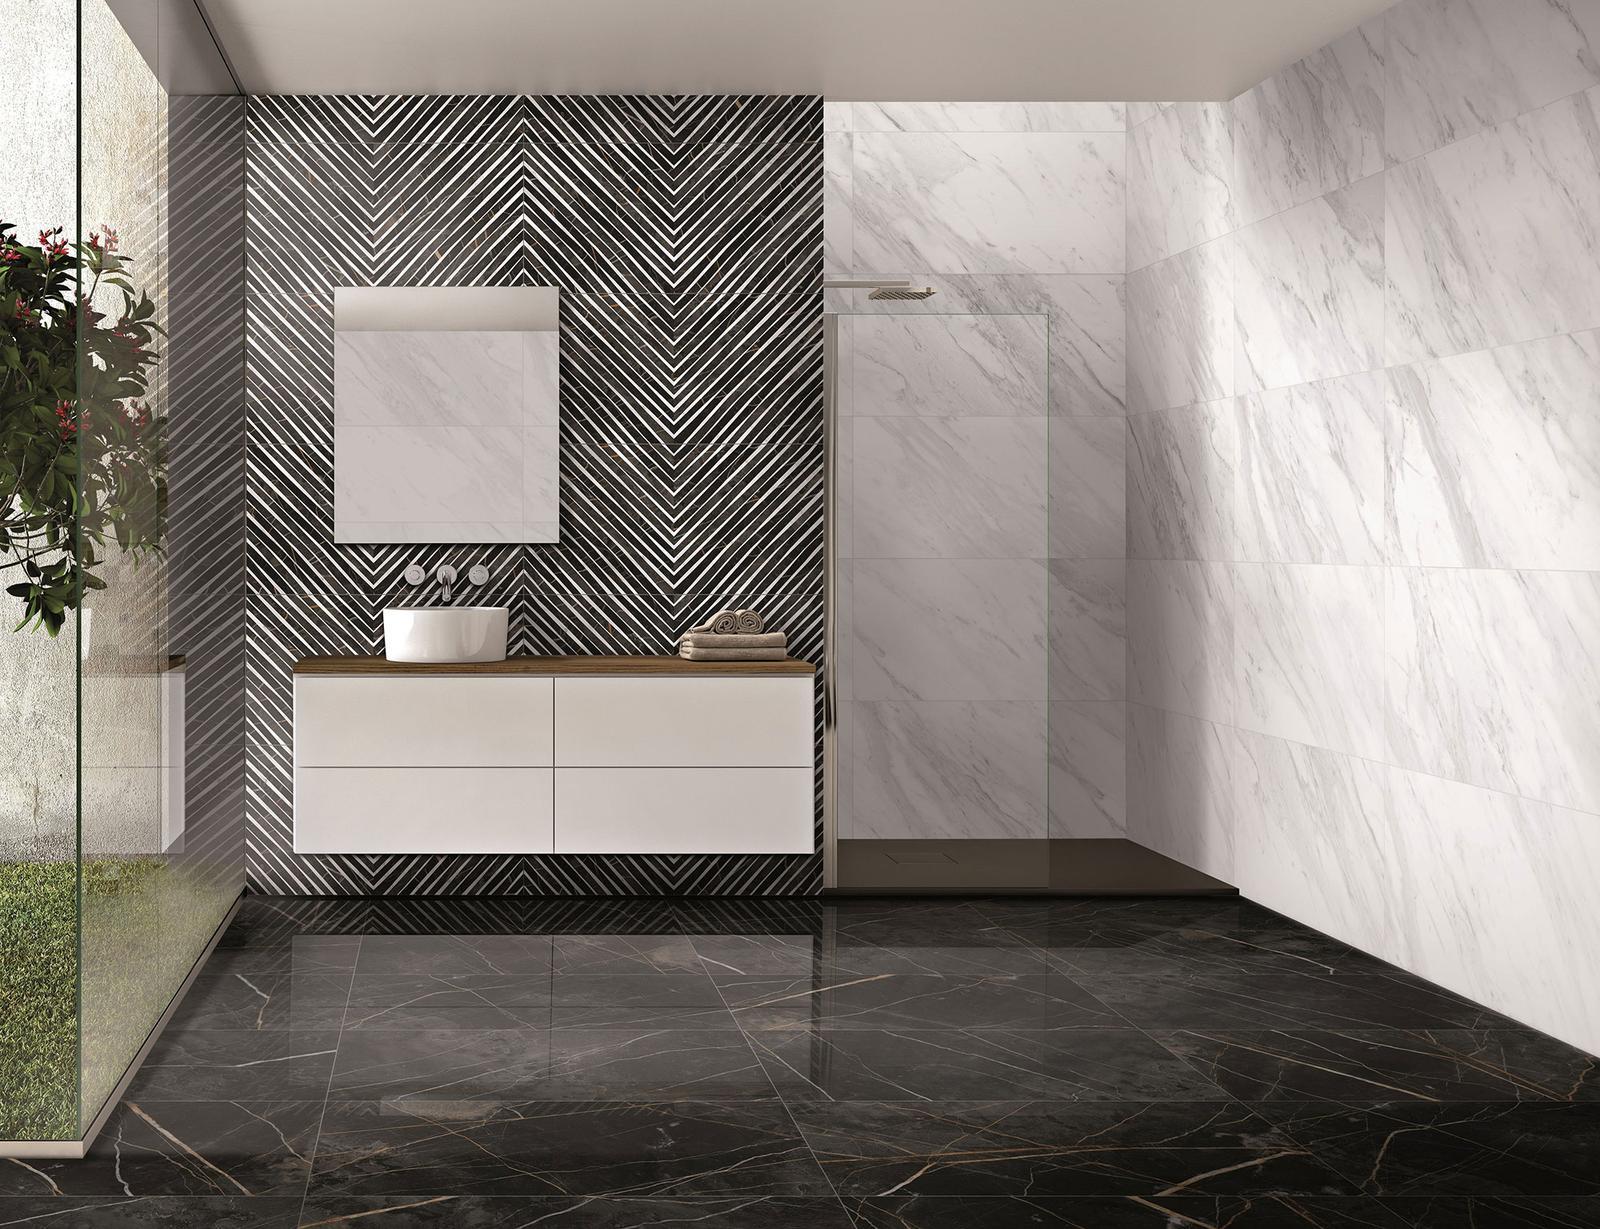 Luxusné kúpelne zo Španielska - dizajnová kúpeľňa North Gloss 49,1x98,2; Deco Nuit Gloss 49,1x98,2